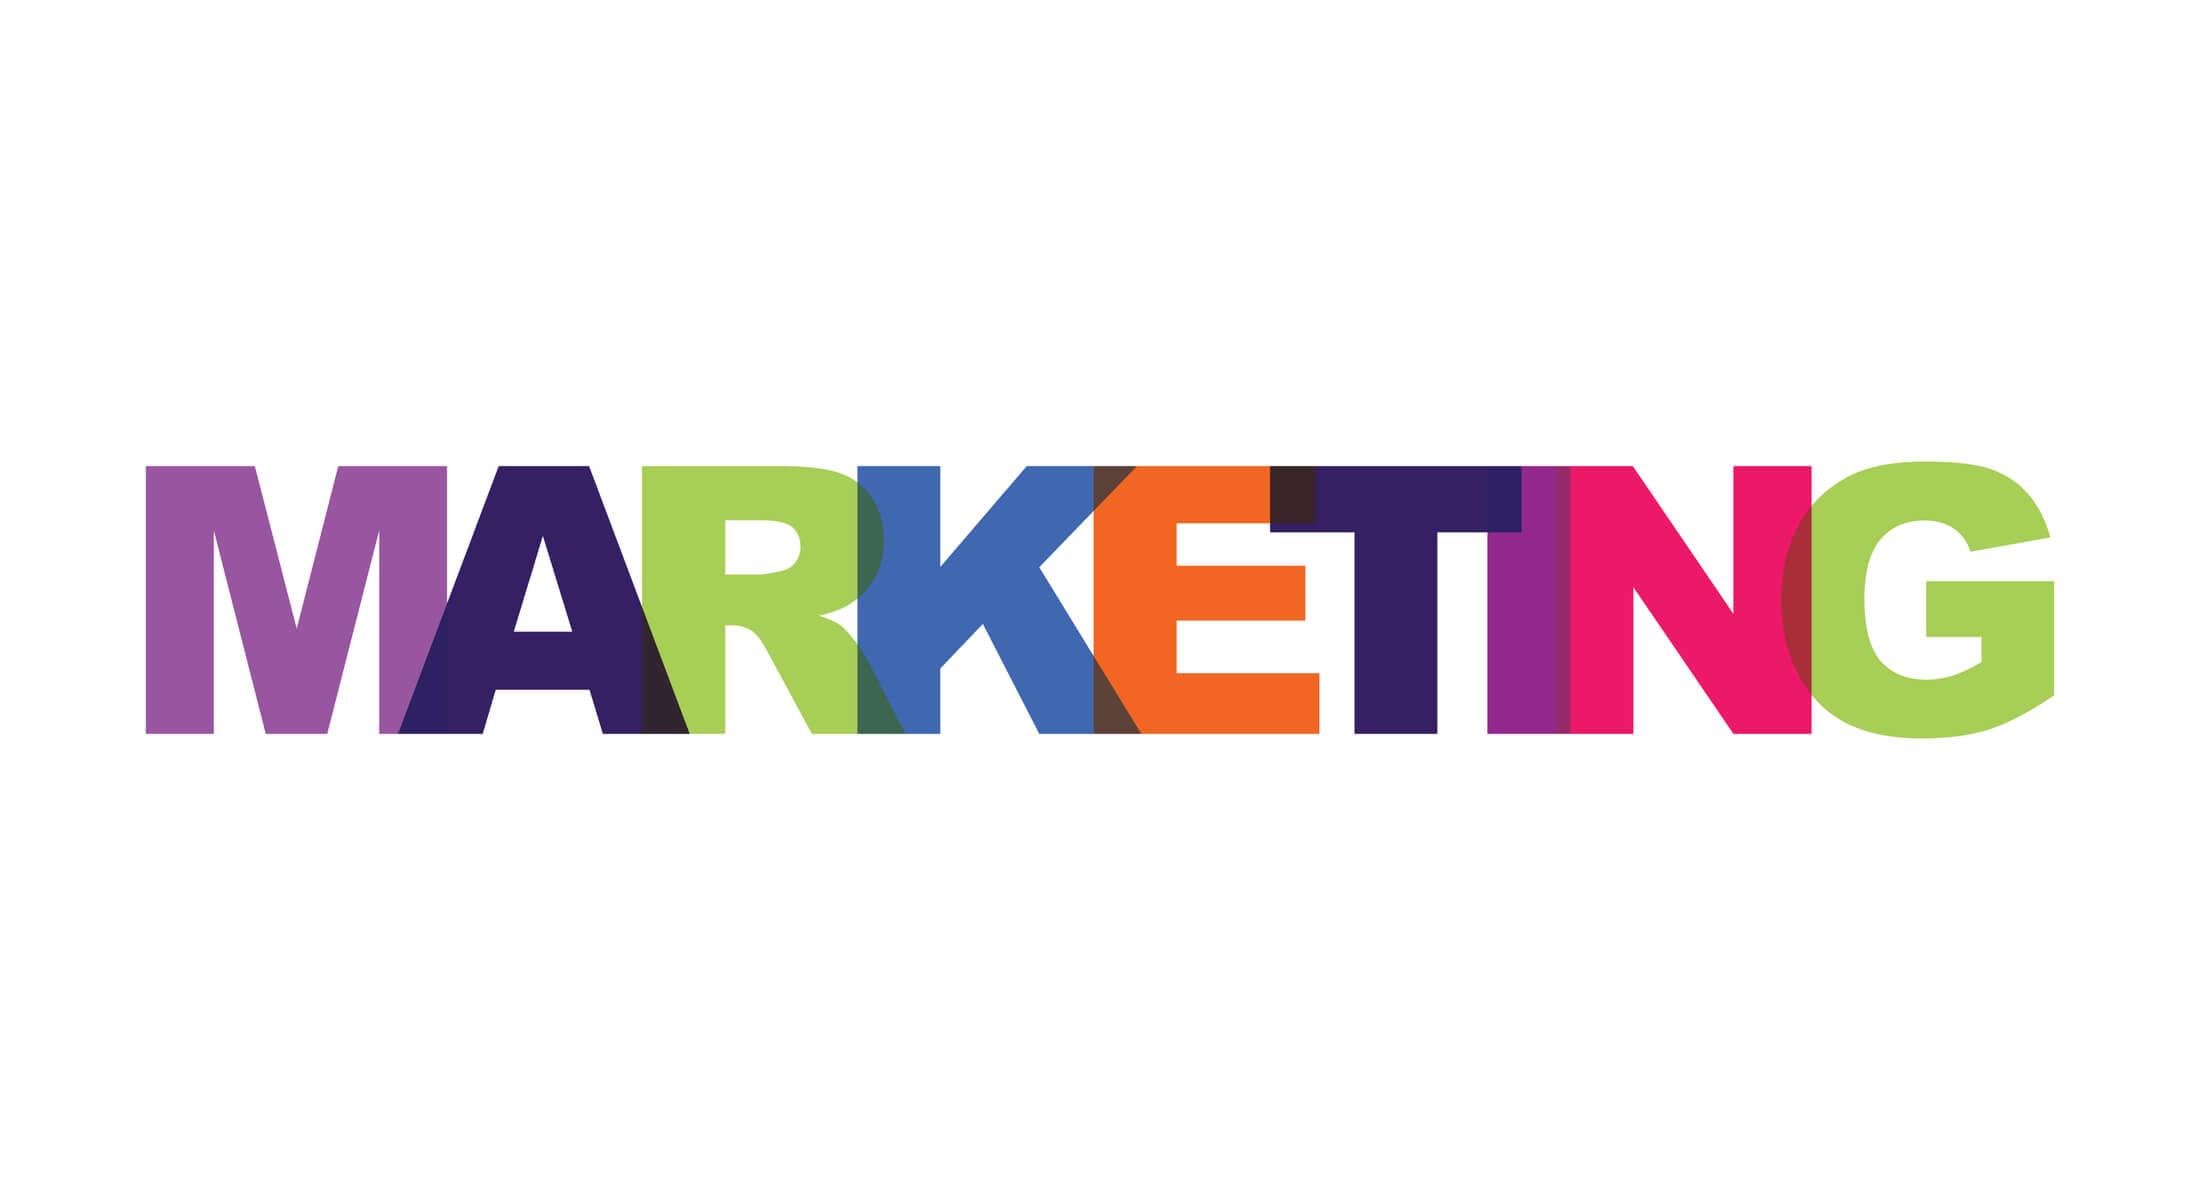 título marketing em letras coloridas